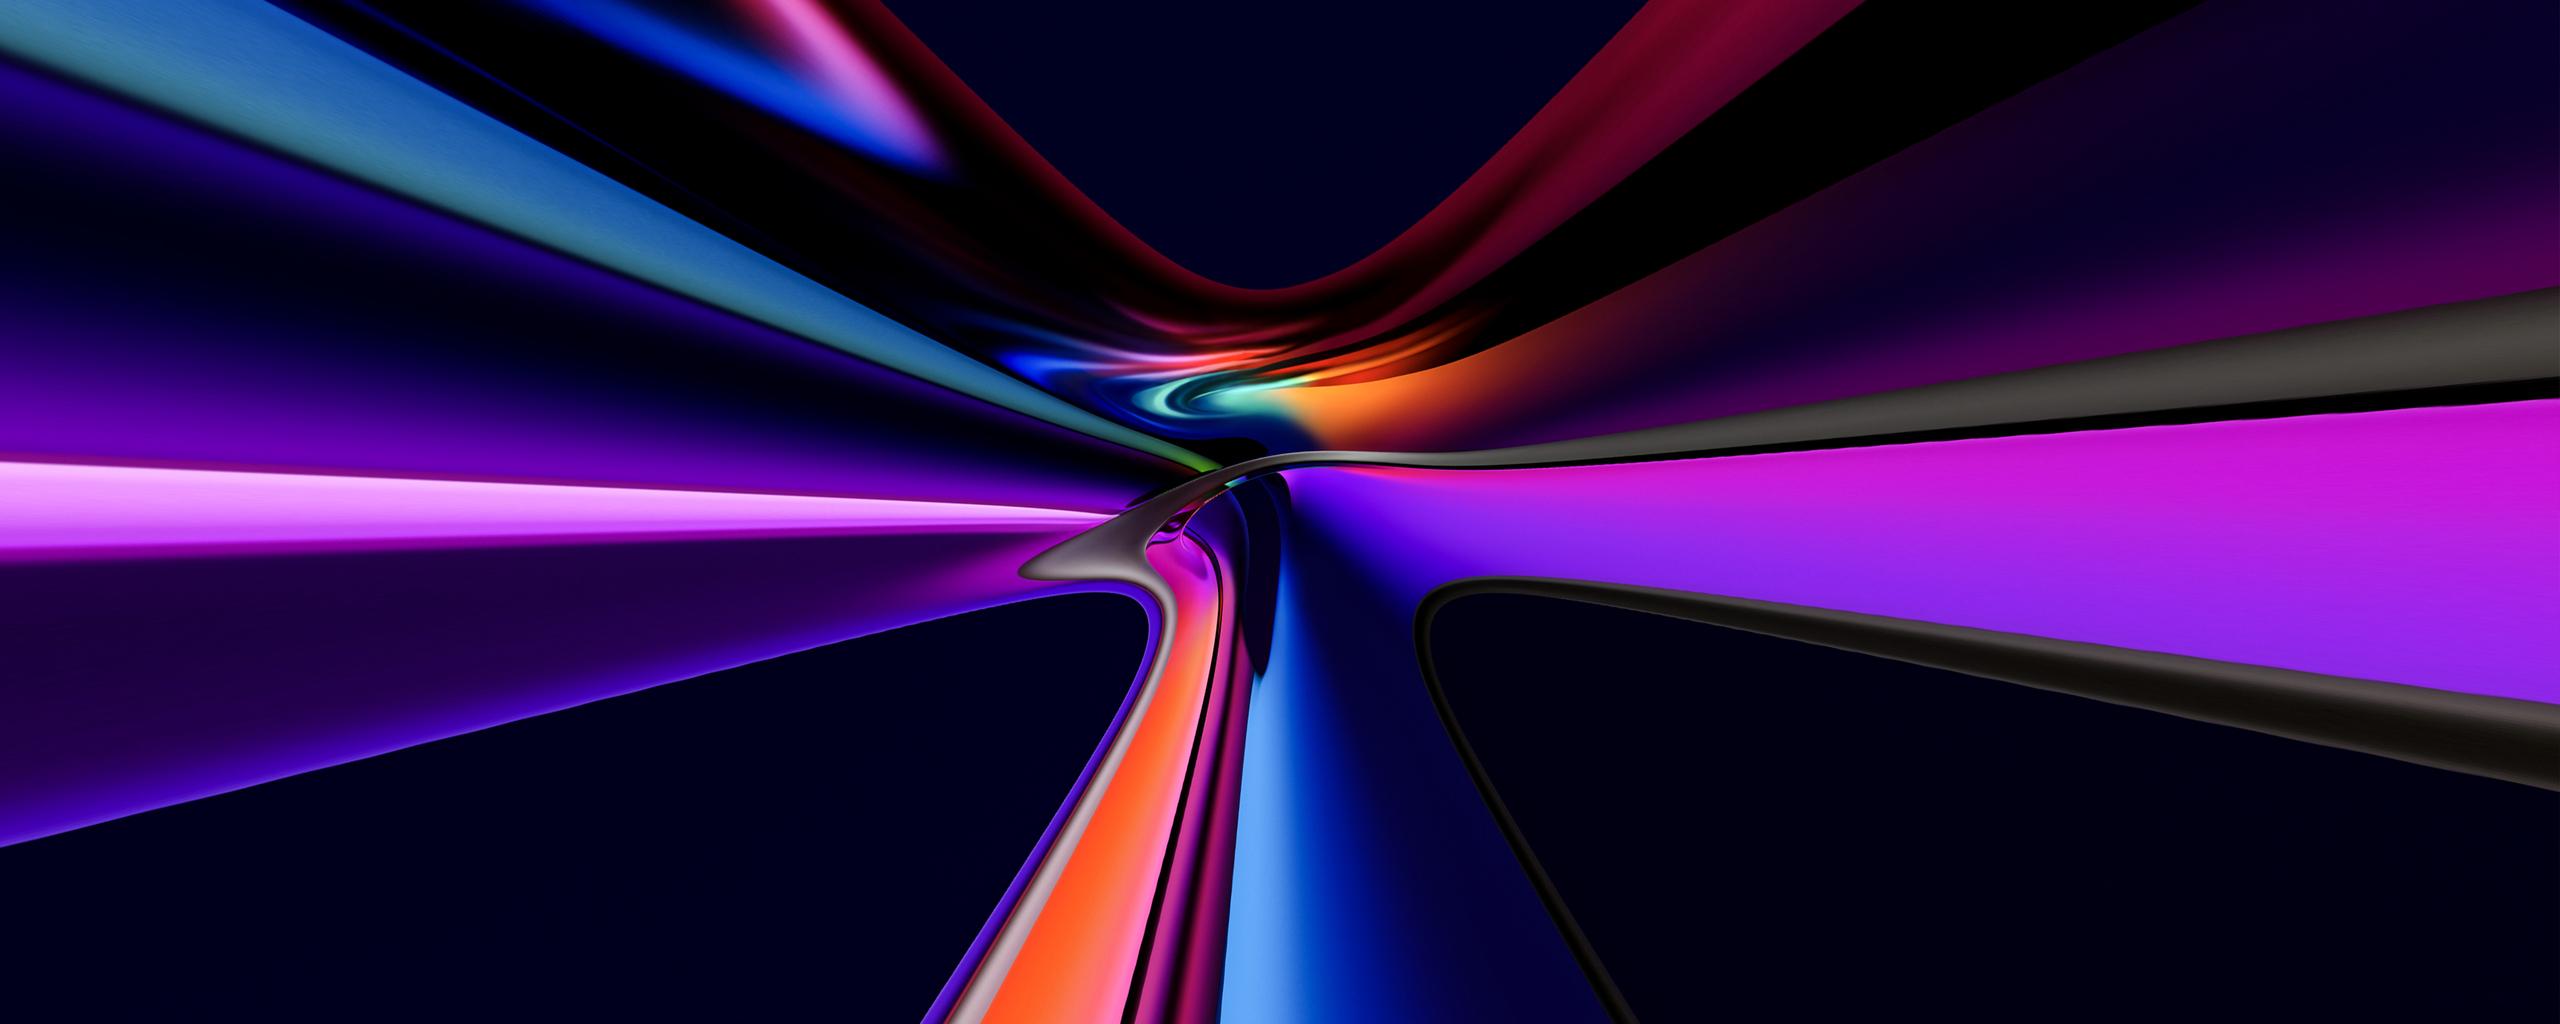 blended-glass-colors-8k-ml.jpg